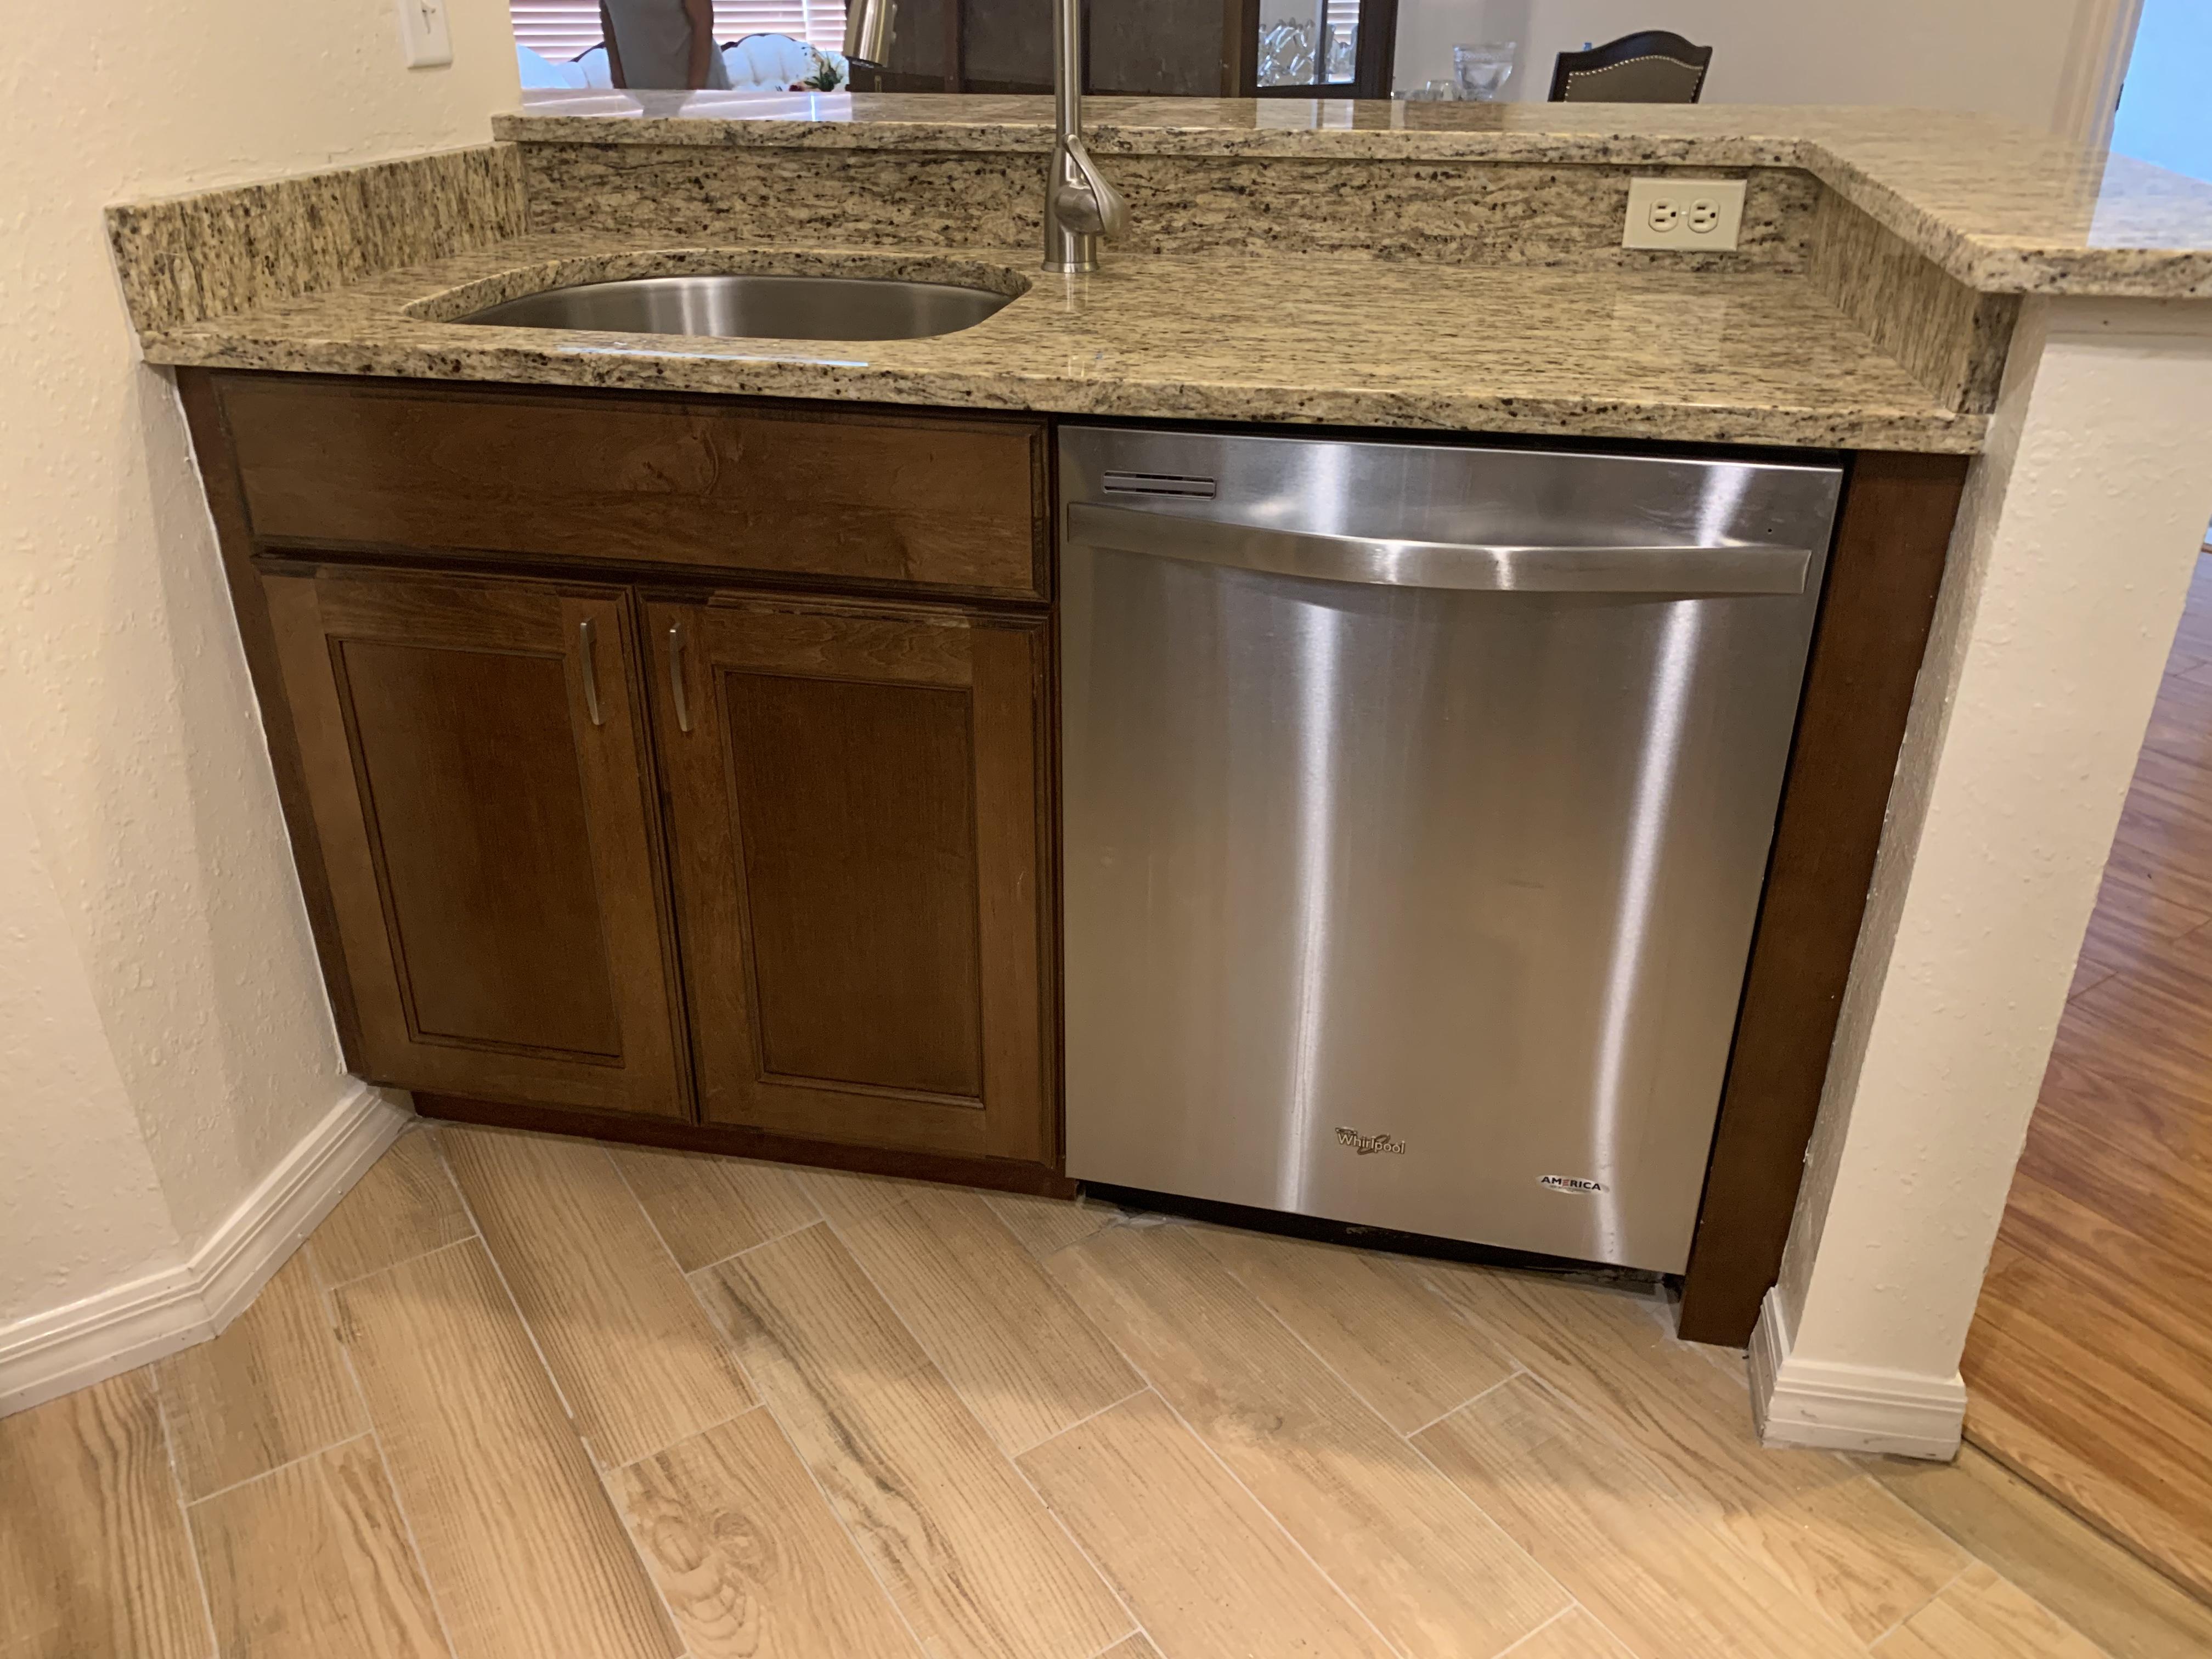 Maple Cabinets & granite